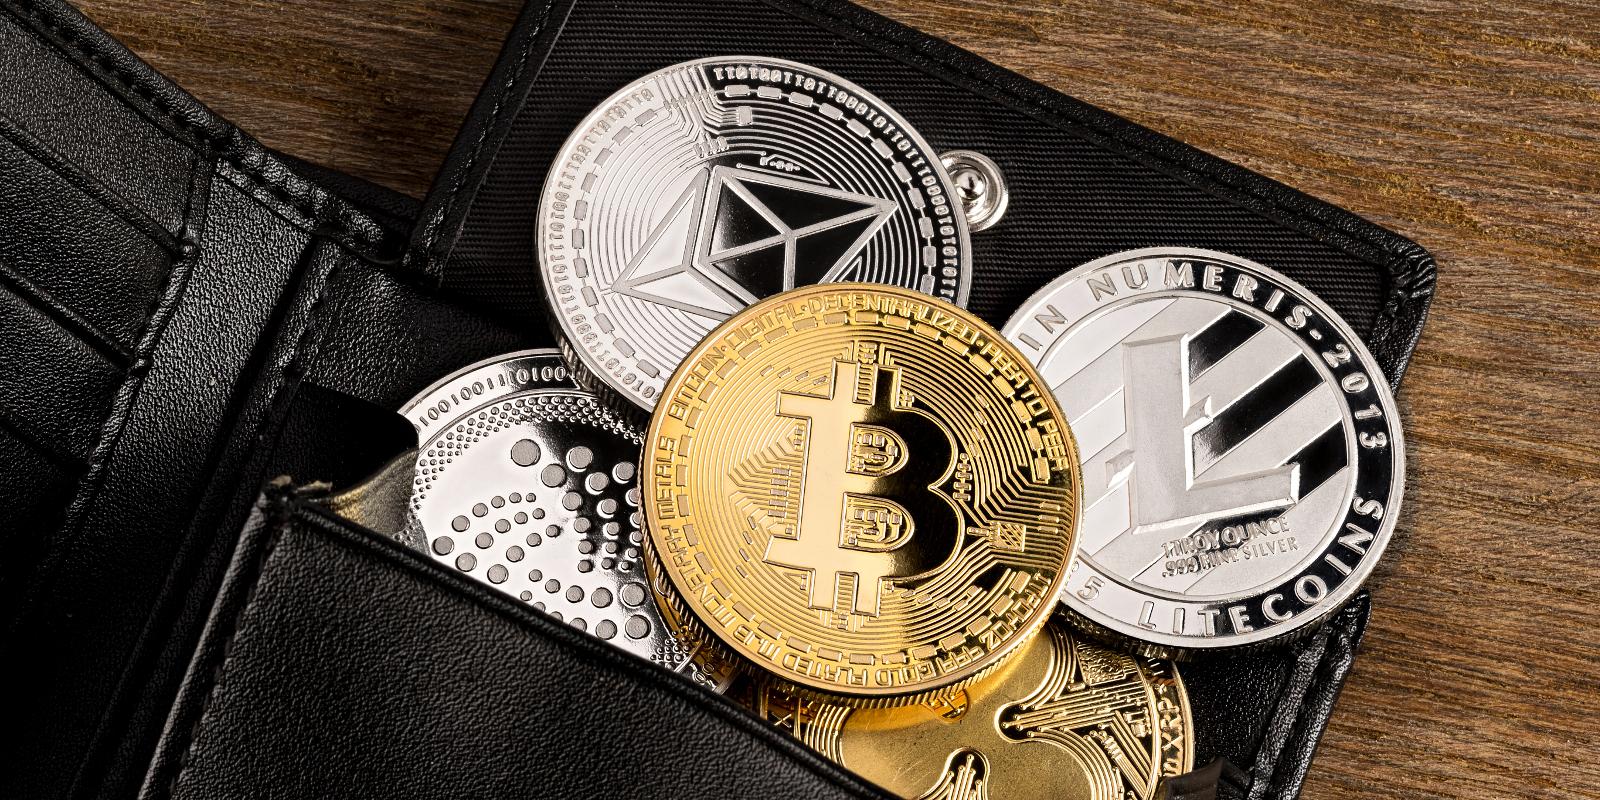 La crypto-monnaie peut-elle se démocratiser de manière décentralisée ?